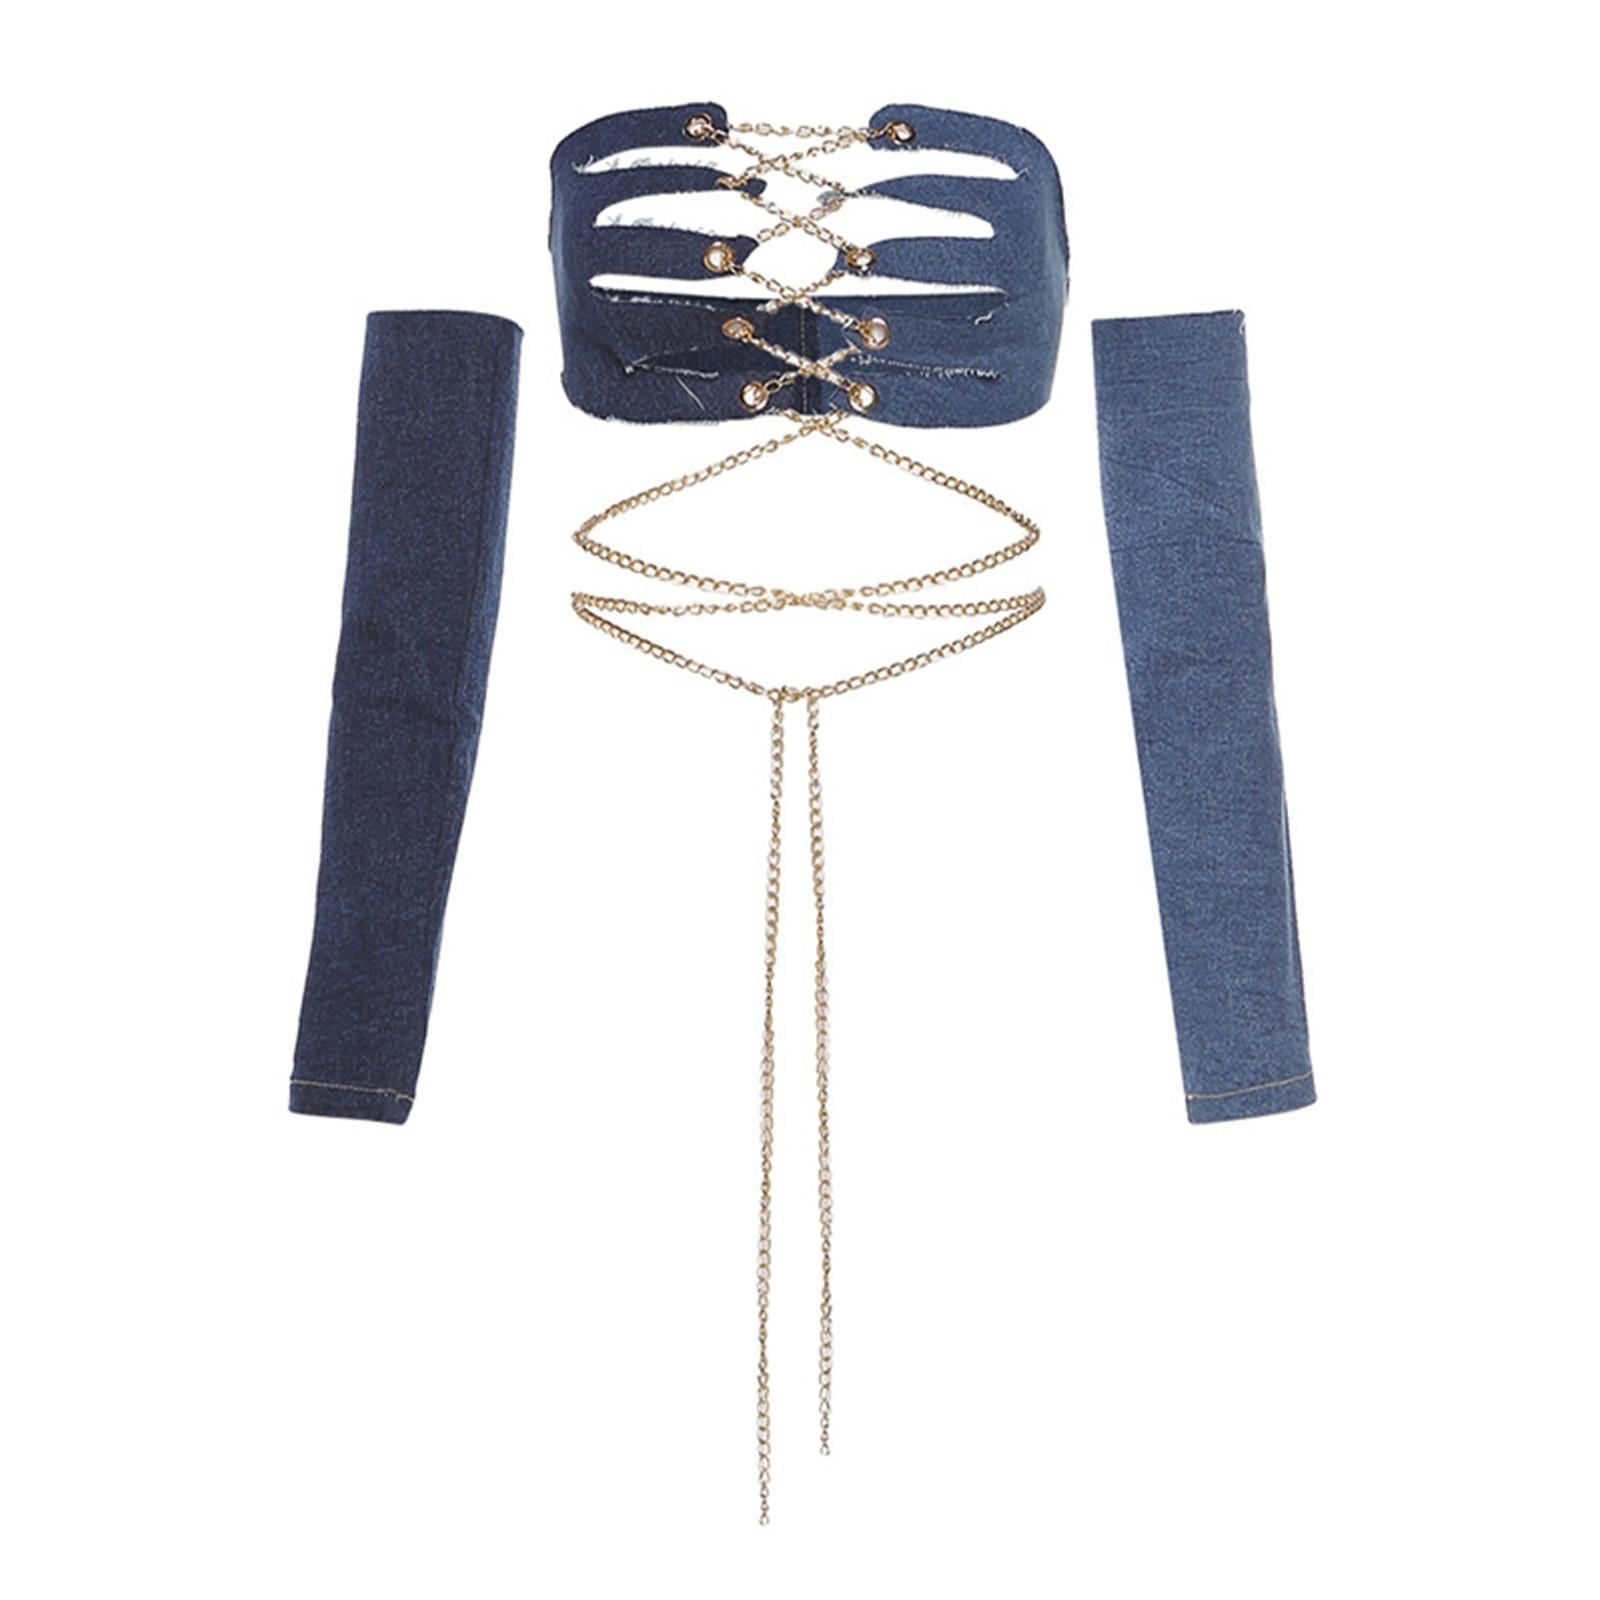 1Pc Off Shoulder Halter Vest Women Summer Vest Women's Chain Lace-up Sexy Low Corset Belt